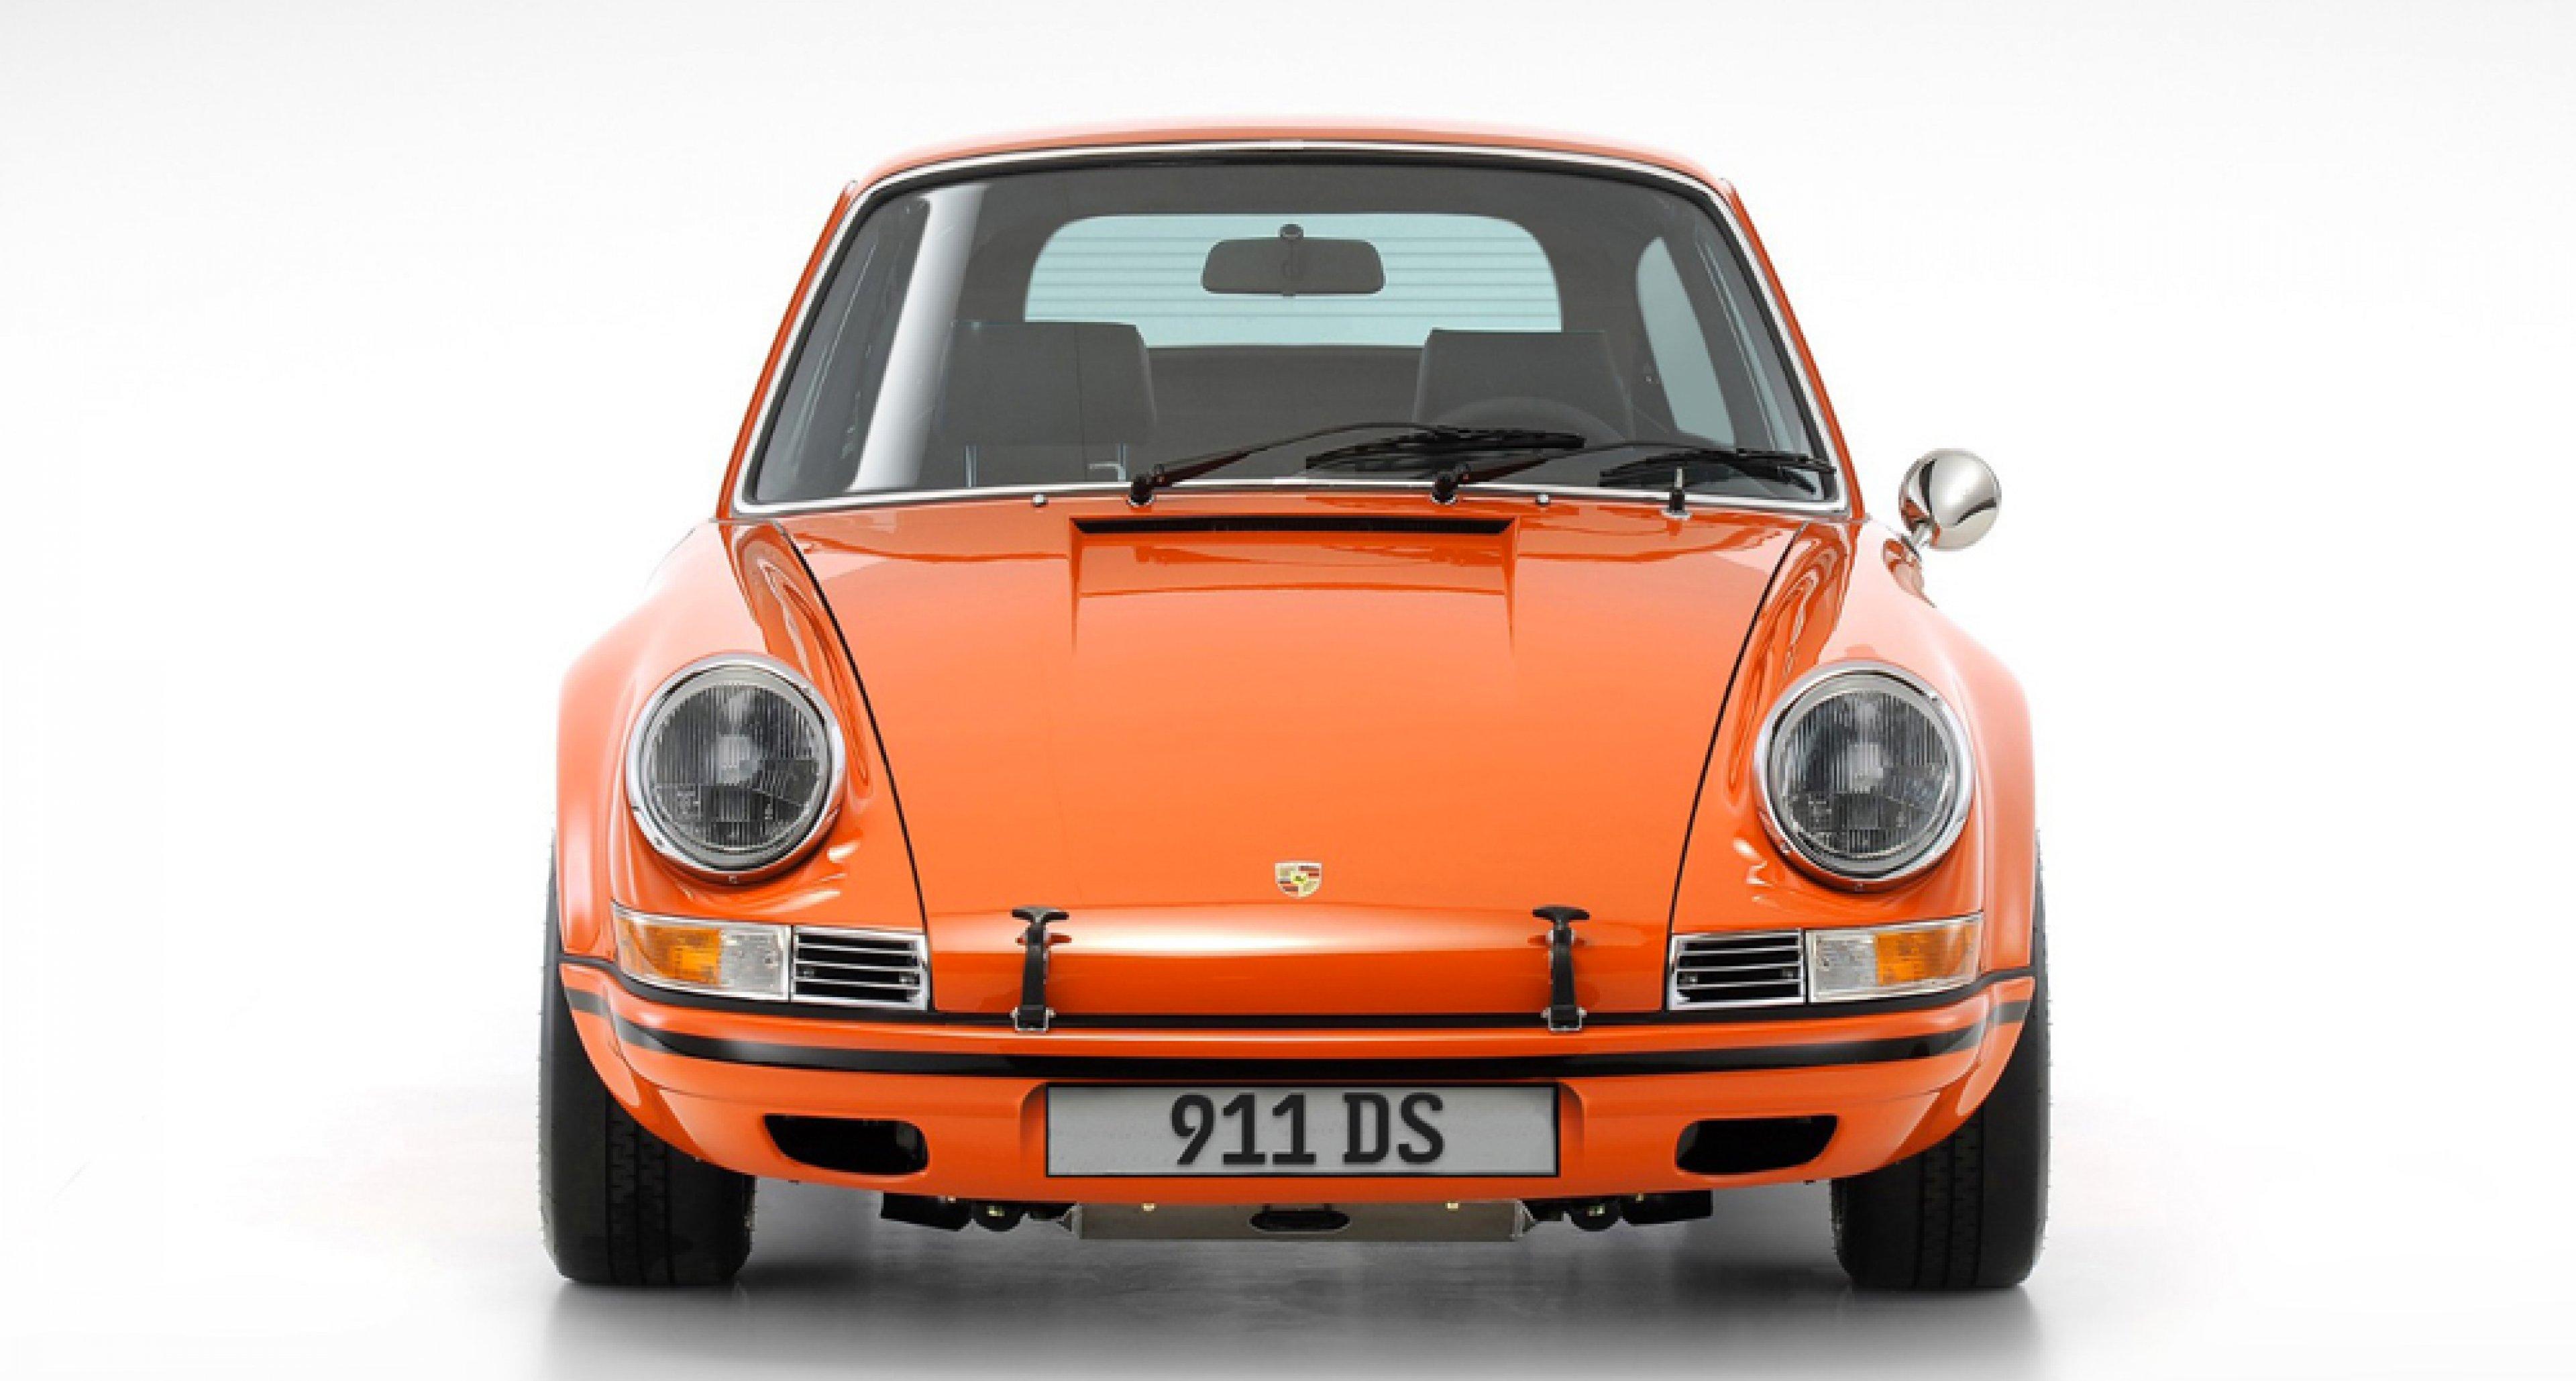 Porsche Citroën 911 DS - the perfect car?